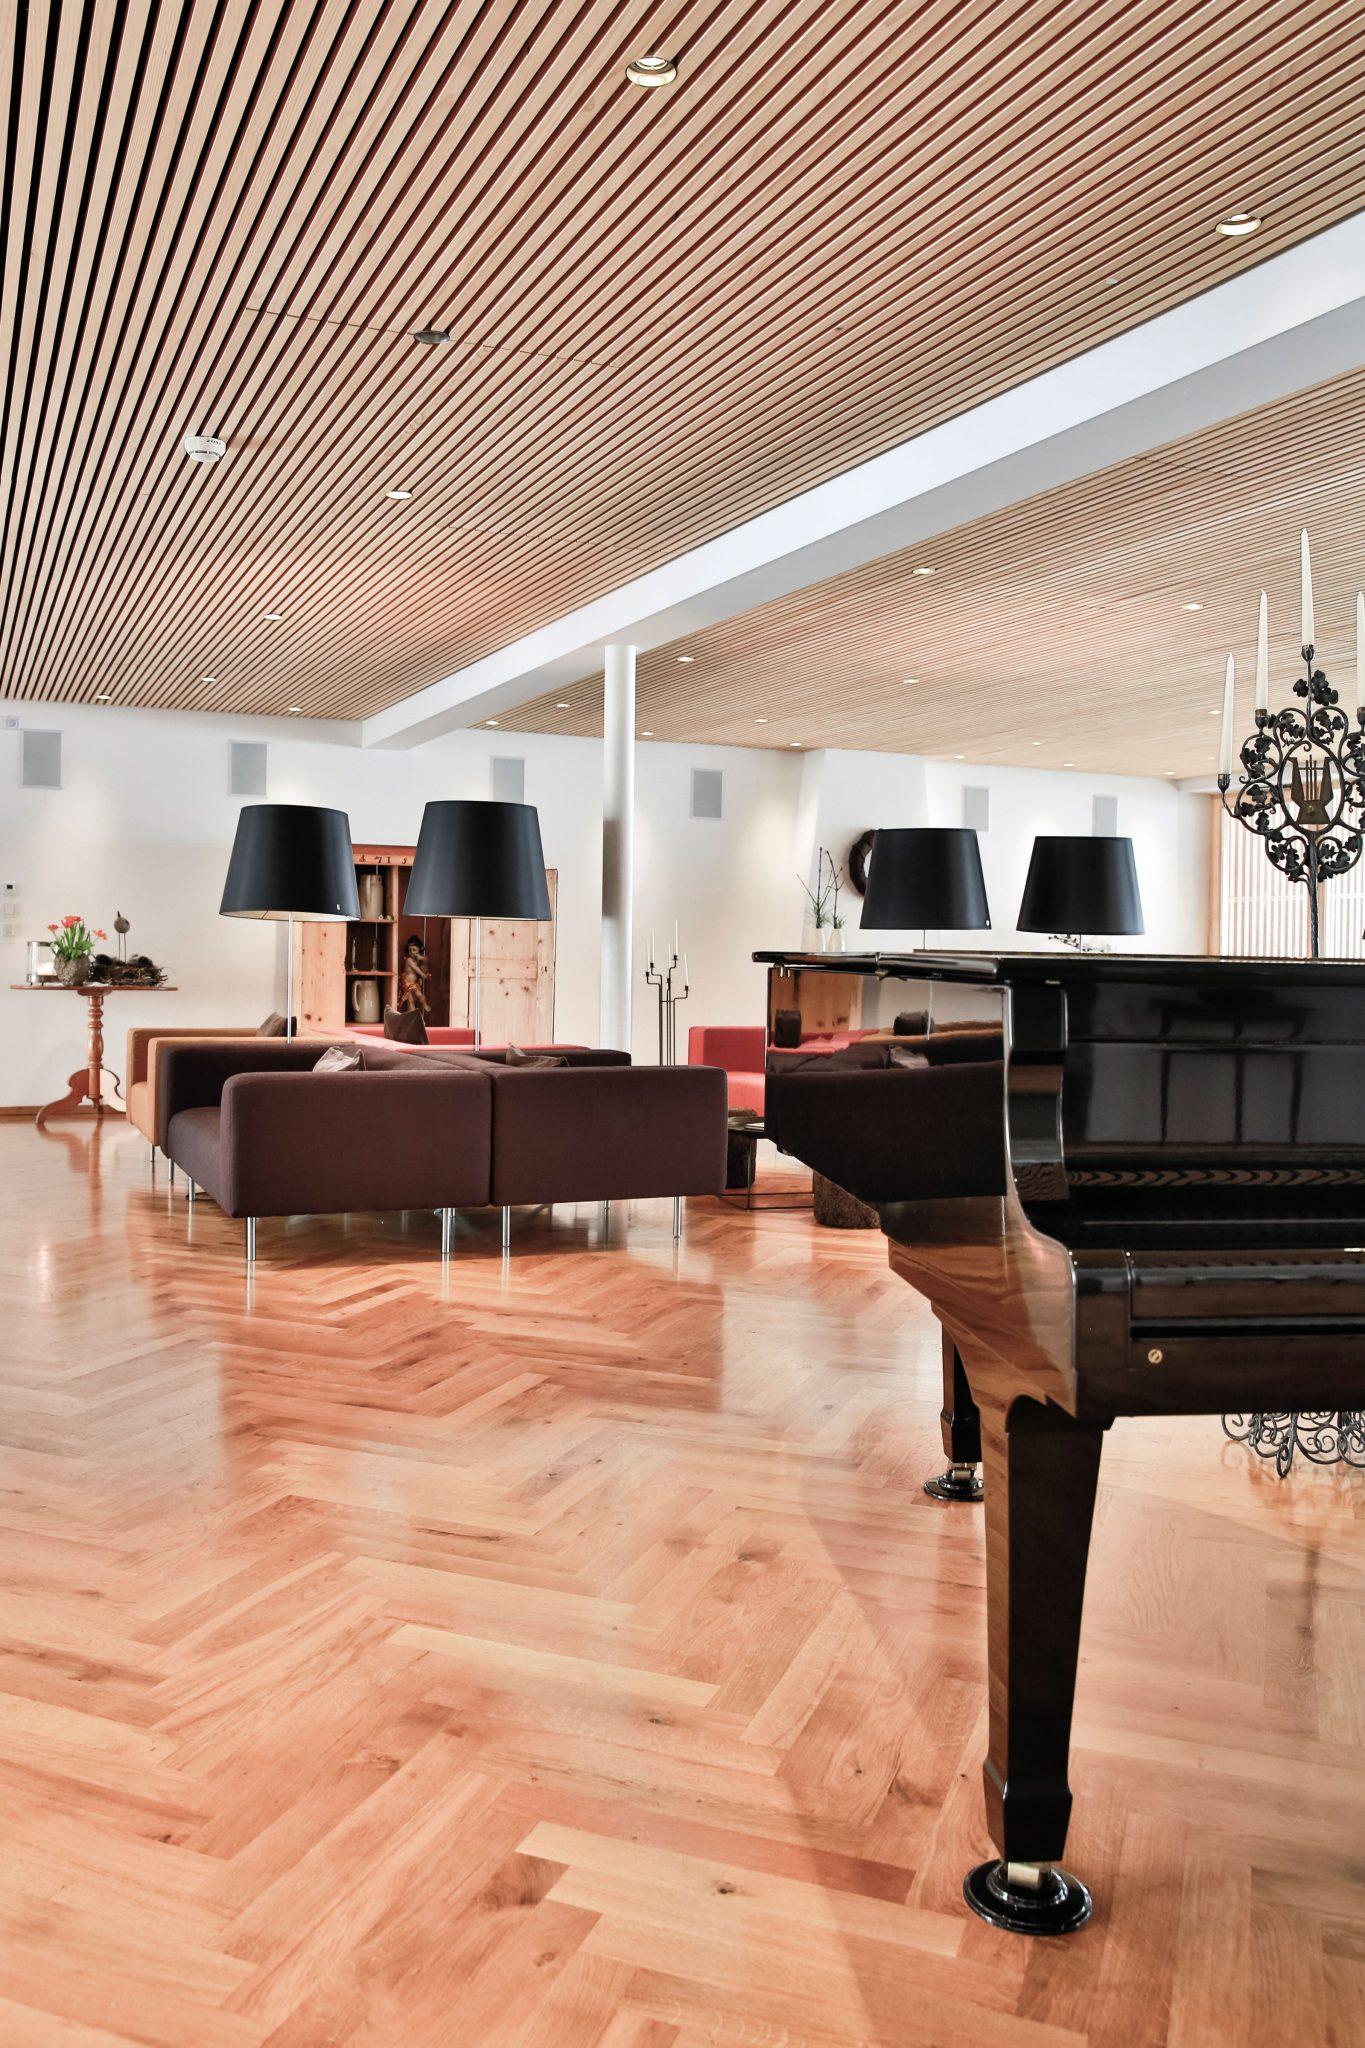 Kaminzimmer Flügel Hotel Krone in Au